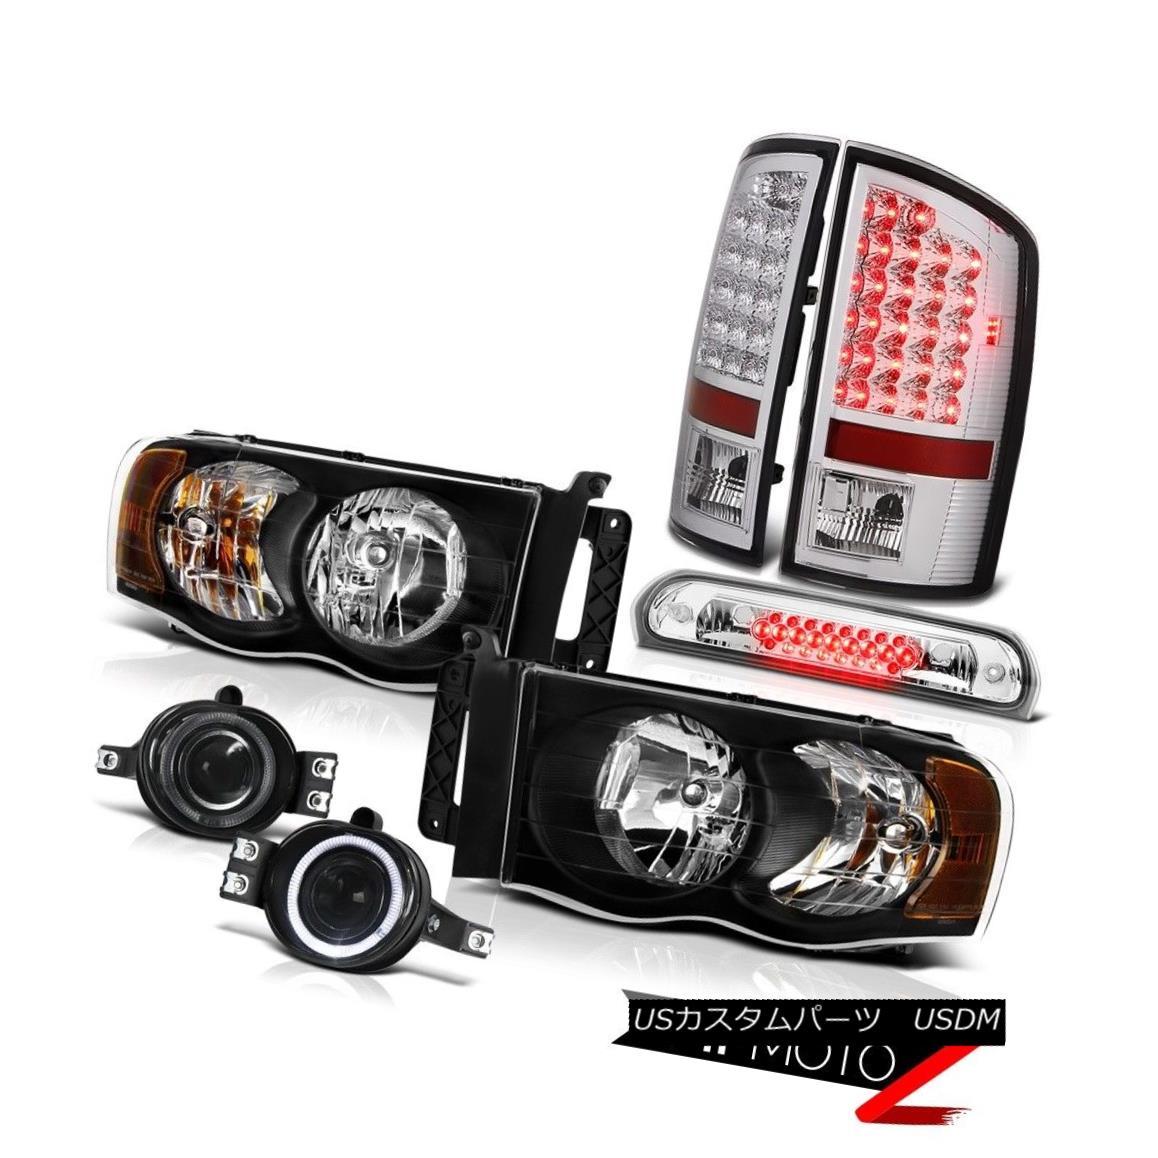 ヘッドライト 02 03 04 05 Ram V6 Clear/Black Headlights LED Brake Taillights Foglamps Euro 3rd 02 03 04 05 Ram V6クリア/ブラックヘッドライトLEDブレーキテールライトFoglamps Euro 3rd